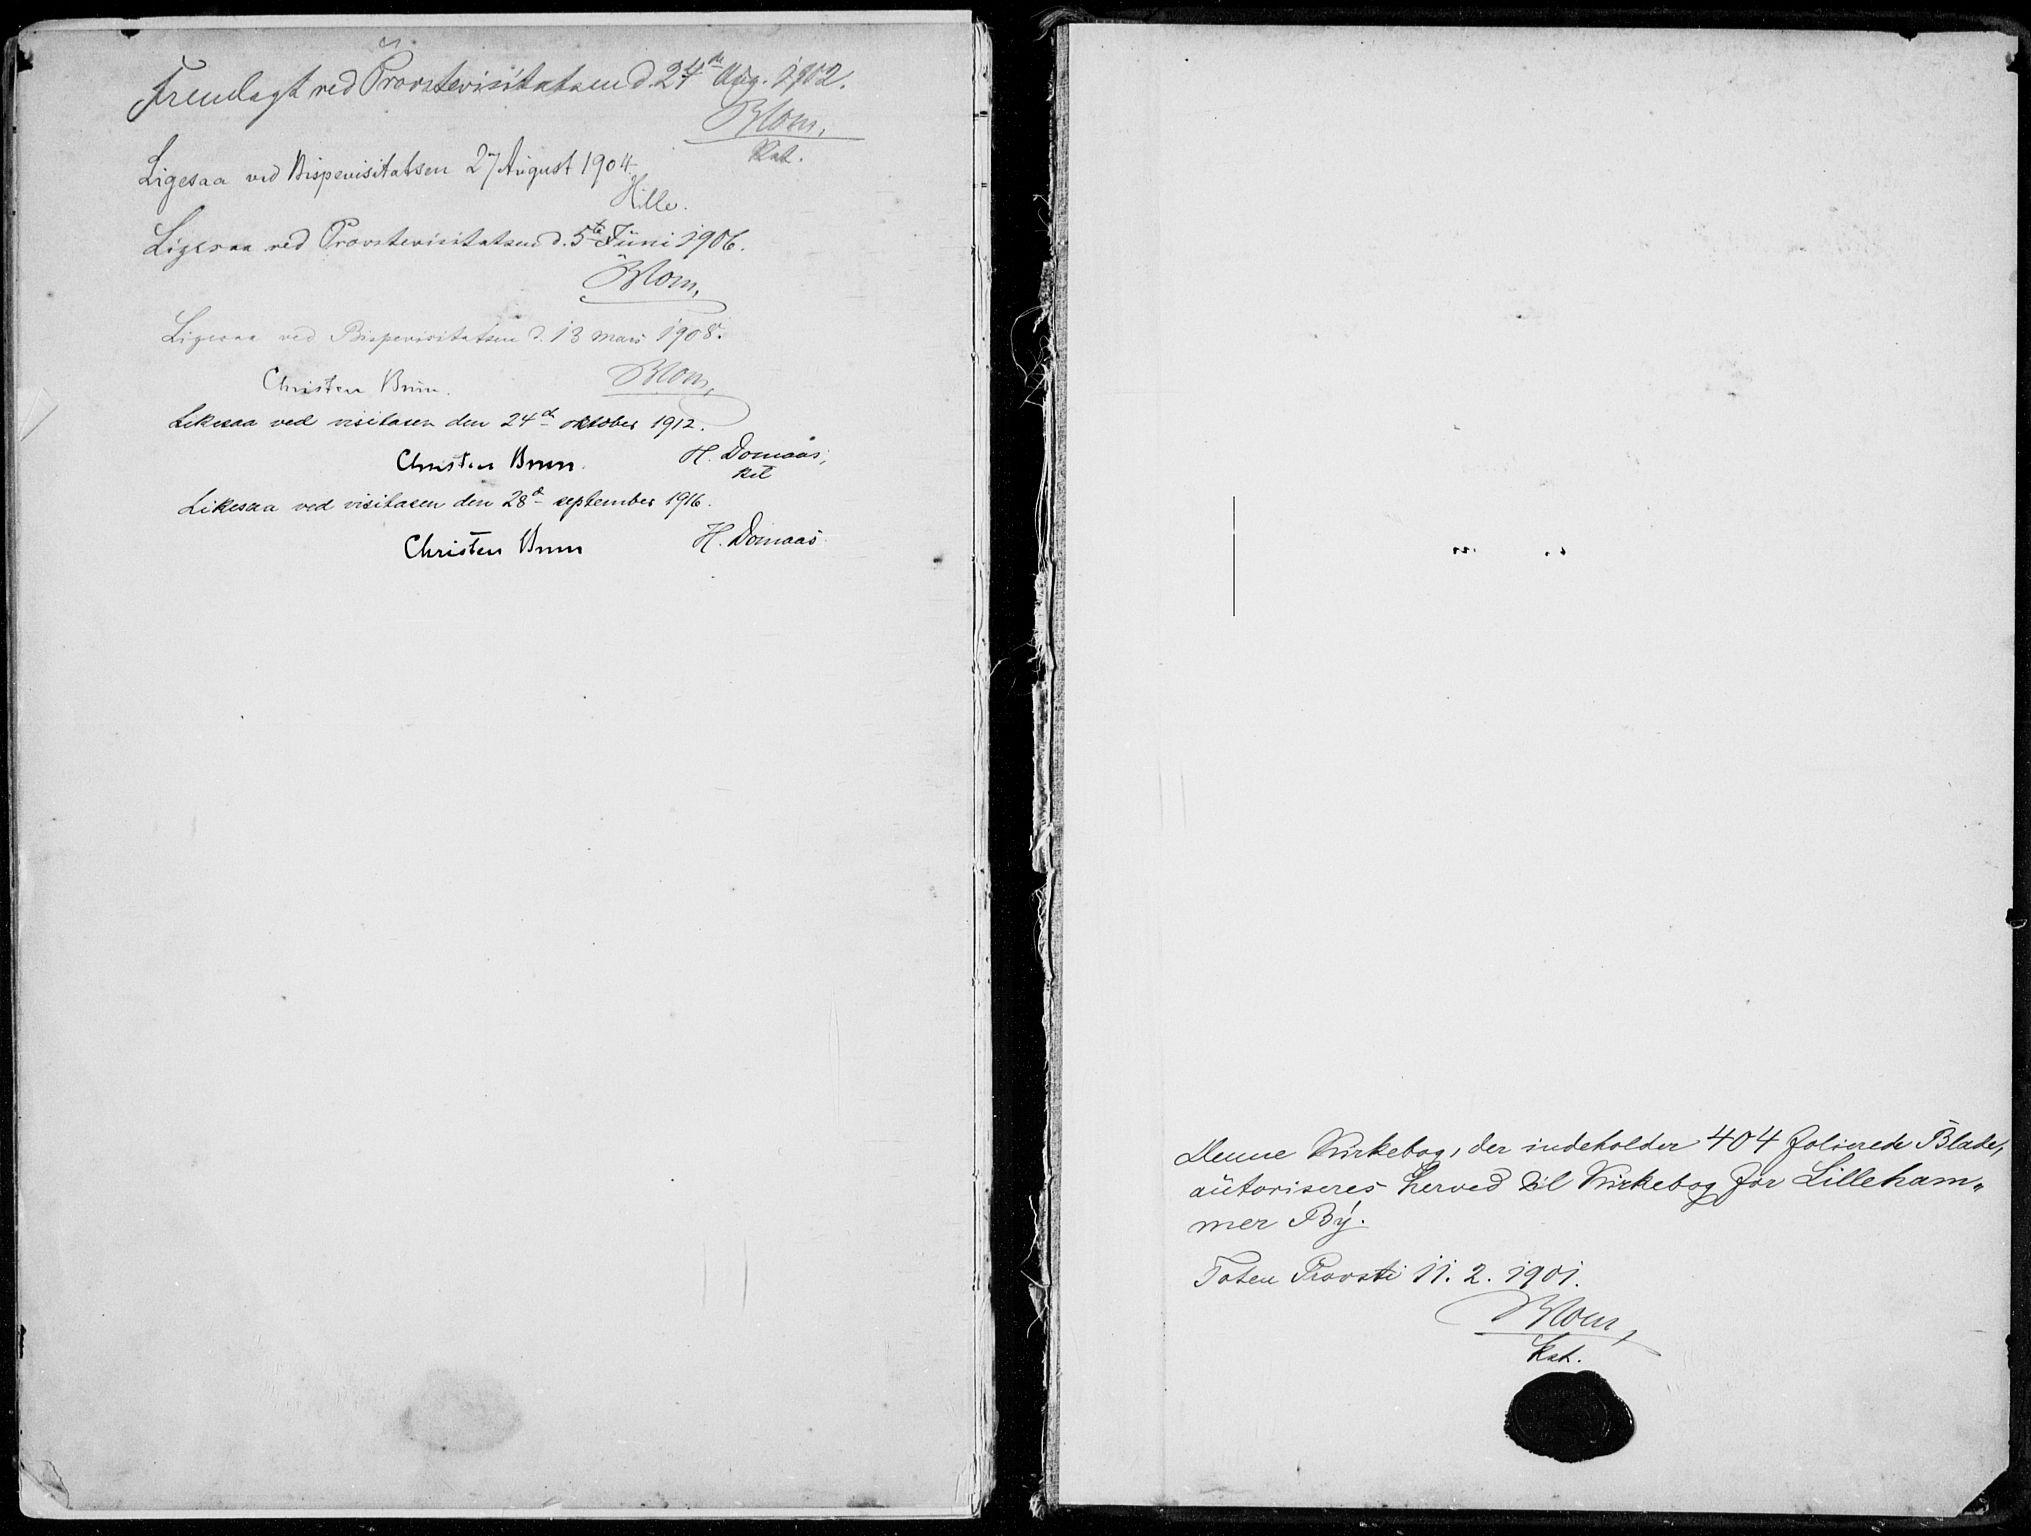 SAH, Lillehammer prestekontor, H/Ha/Haa/L0001: Parish register (official) no. 1, 1901-1916